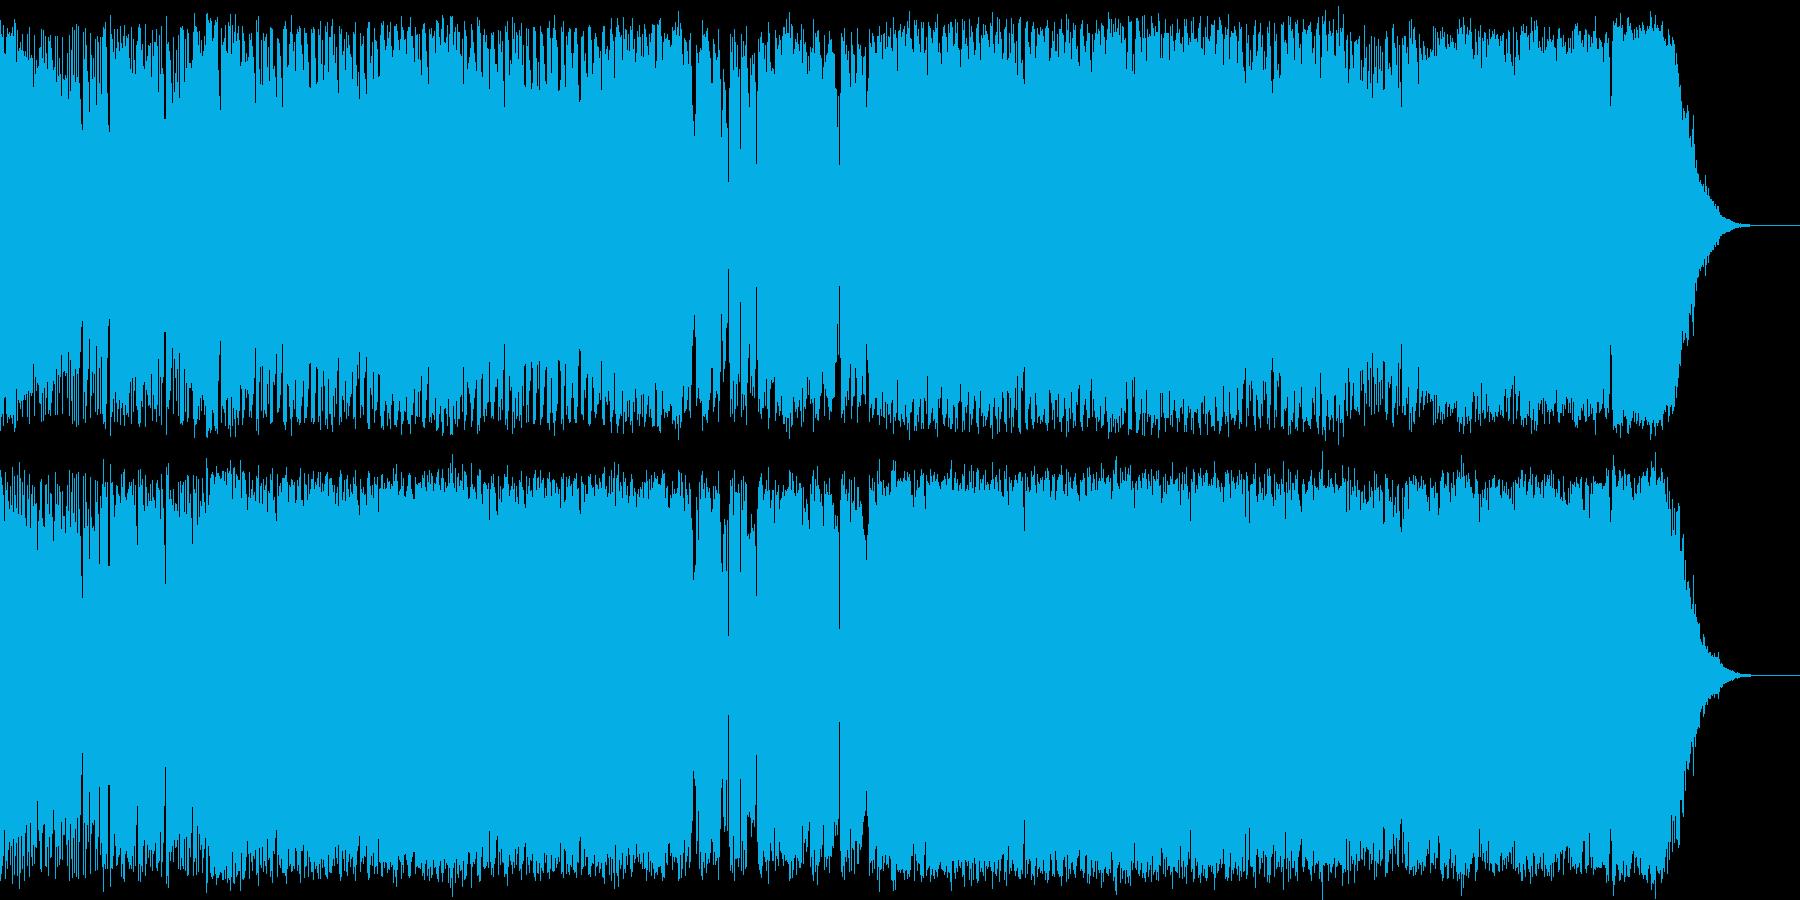 SFとかシューティングの勇猛なイメージCの再生済みの波形